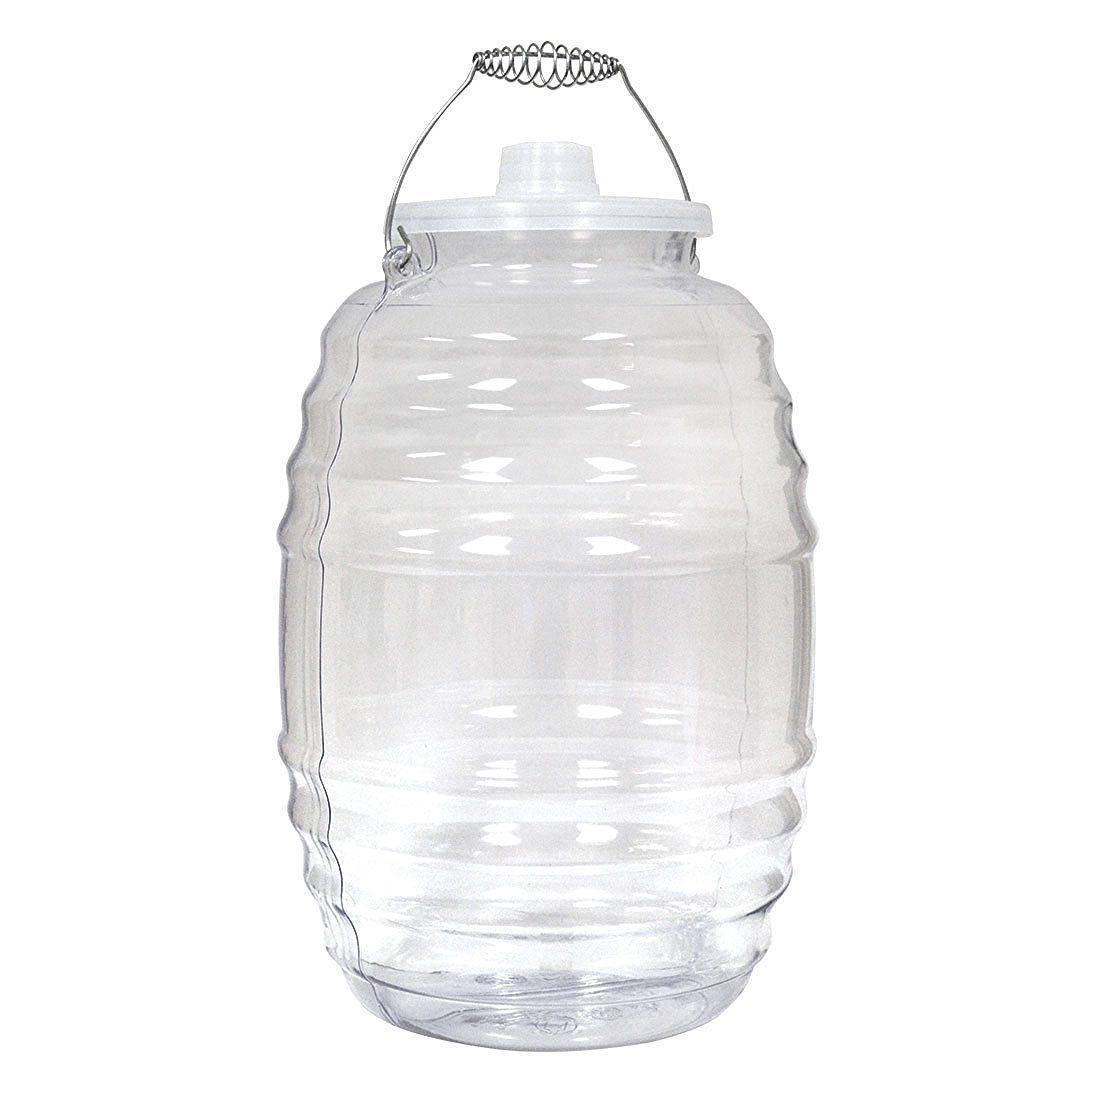 Made In Mexico Aguas Frescas 5 Gallon Vitrolero Plastic Water Container Walmart Com In 2020 Plastic Water Containers Agua Fresca Water Containers